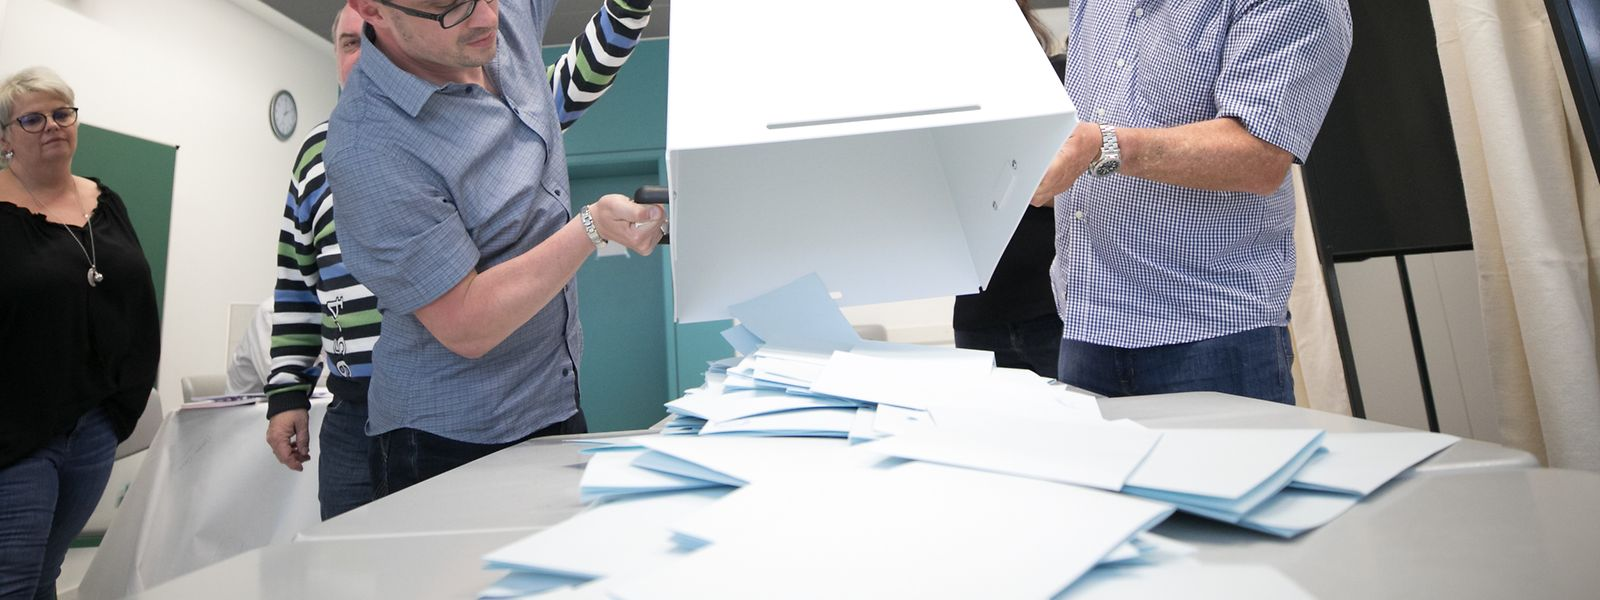 285.000 Wähler waren für die Europawahl in Luxemburg eingeschrieben.